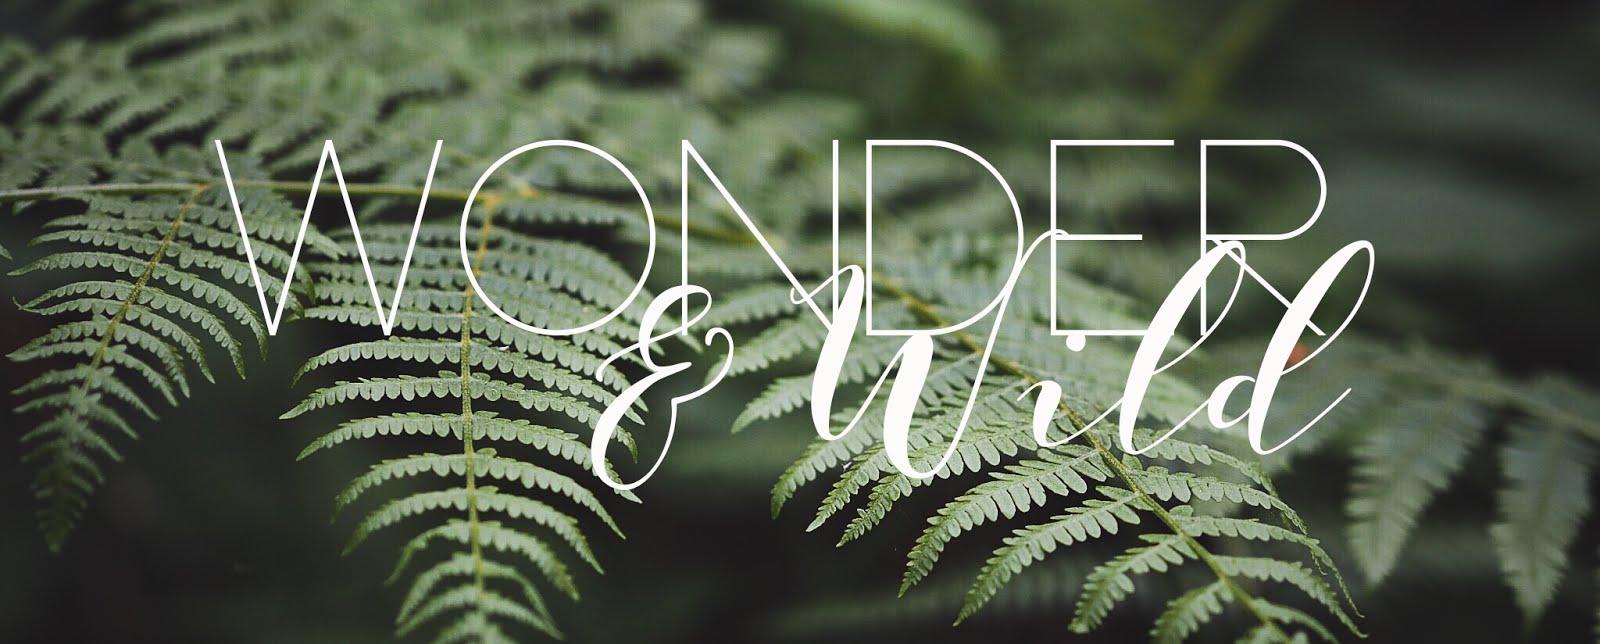 Wonder and Wild